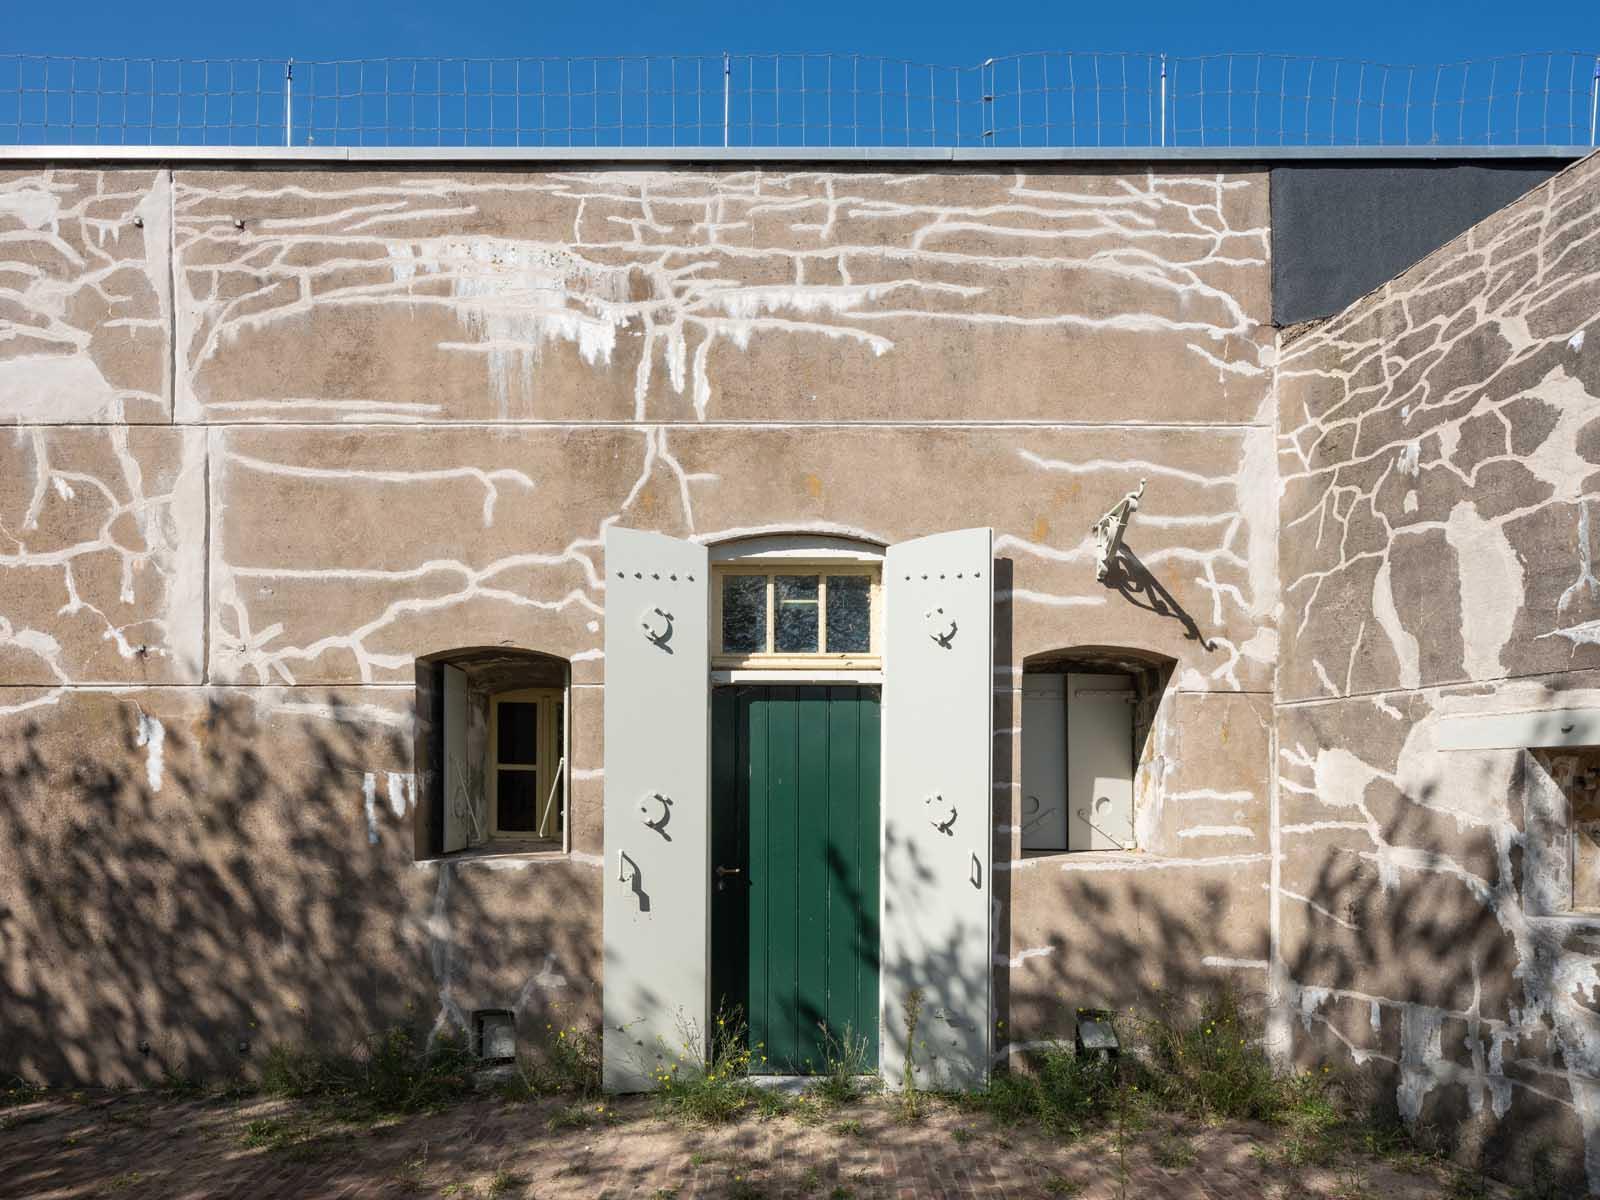 Fort K'IJK - Voorbeeldprojecten Steunpunt Monumenten & Archeologie